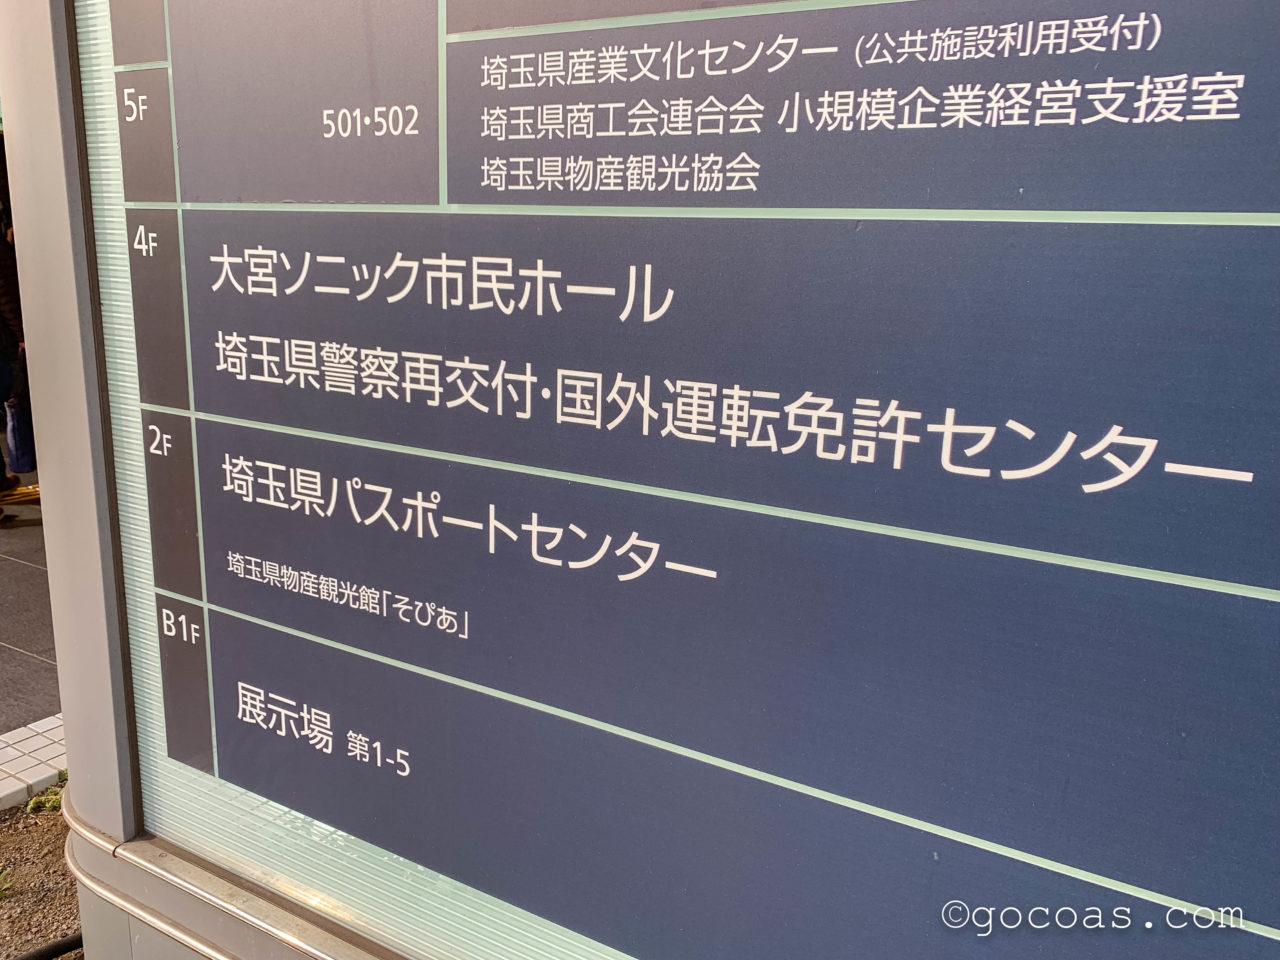 埼玉県パスポートセンター